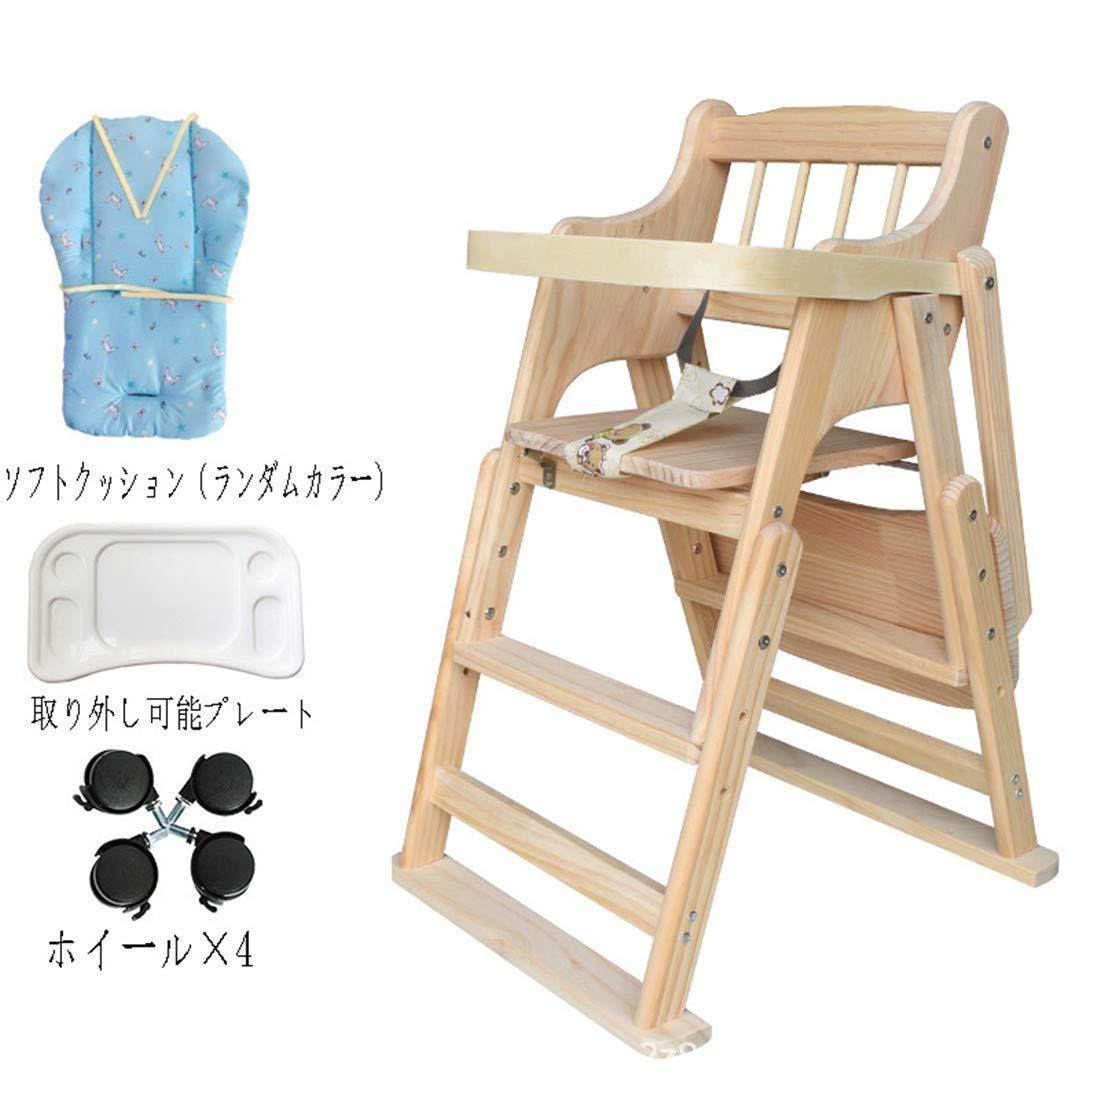 木製 ベビーハイチェア 折り畳み 高さ調節可能 ダークブラウン 大 ベビーシート キッズチェア(6ヶ月~10才)  松の木-2 B07V7W8CKG